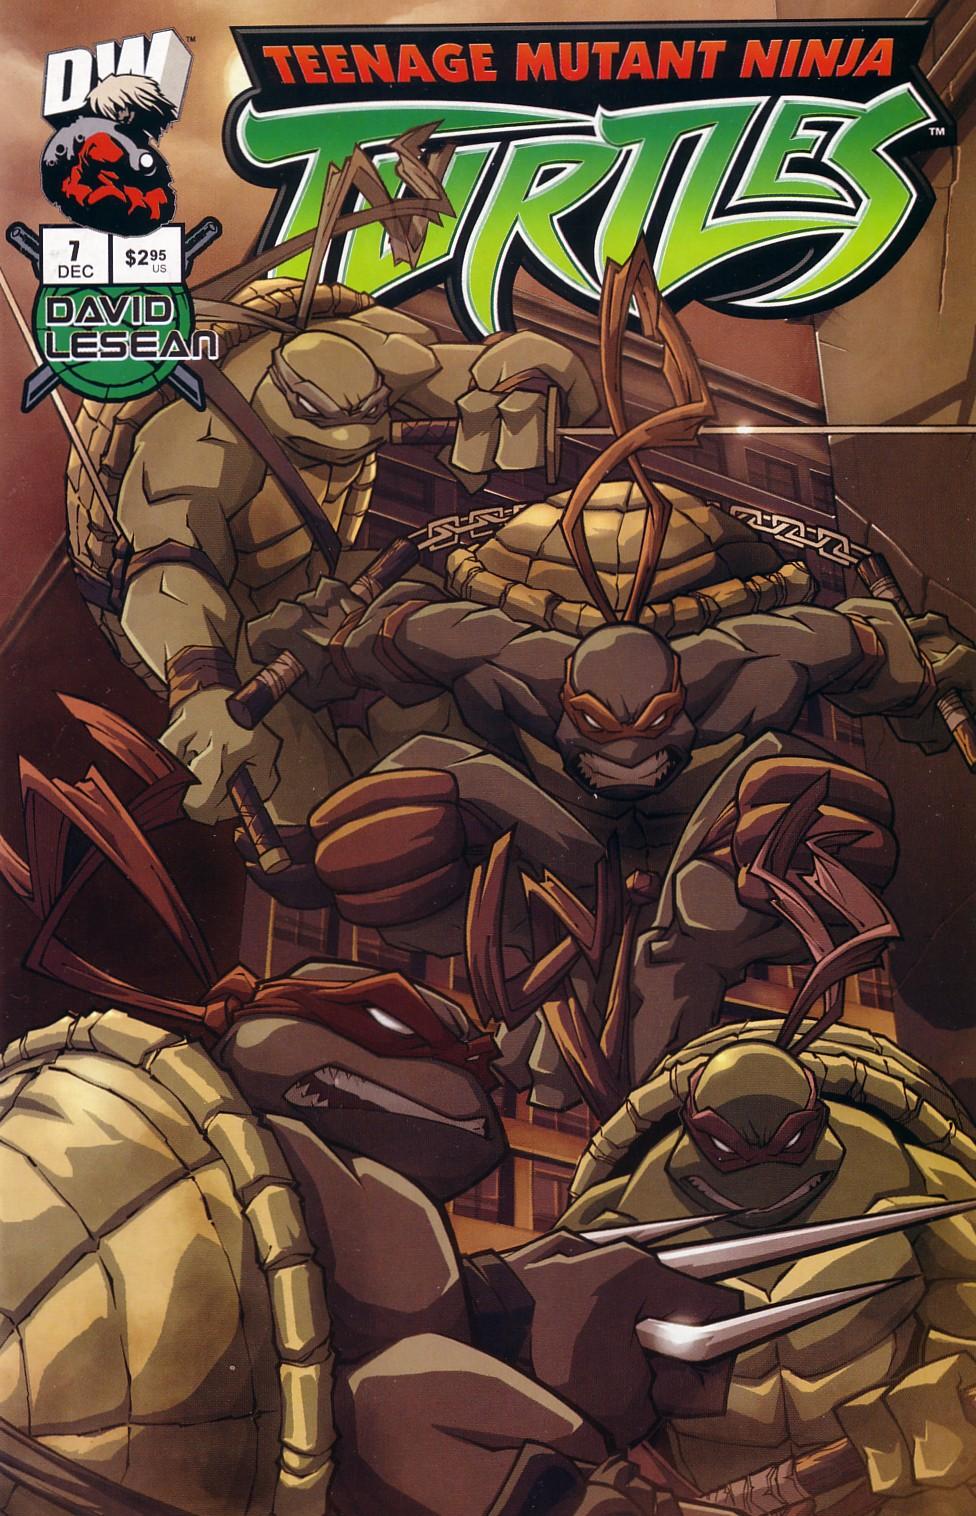 Teenage Mutant Ninja Turtles (2003) issue 7 - Page 1